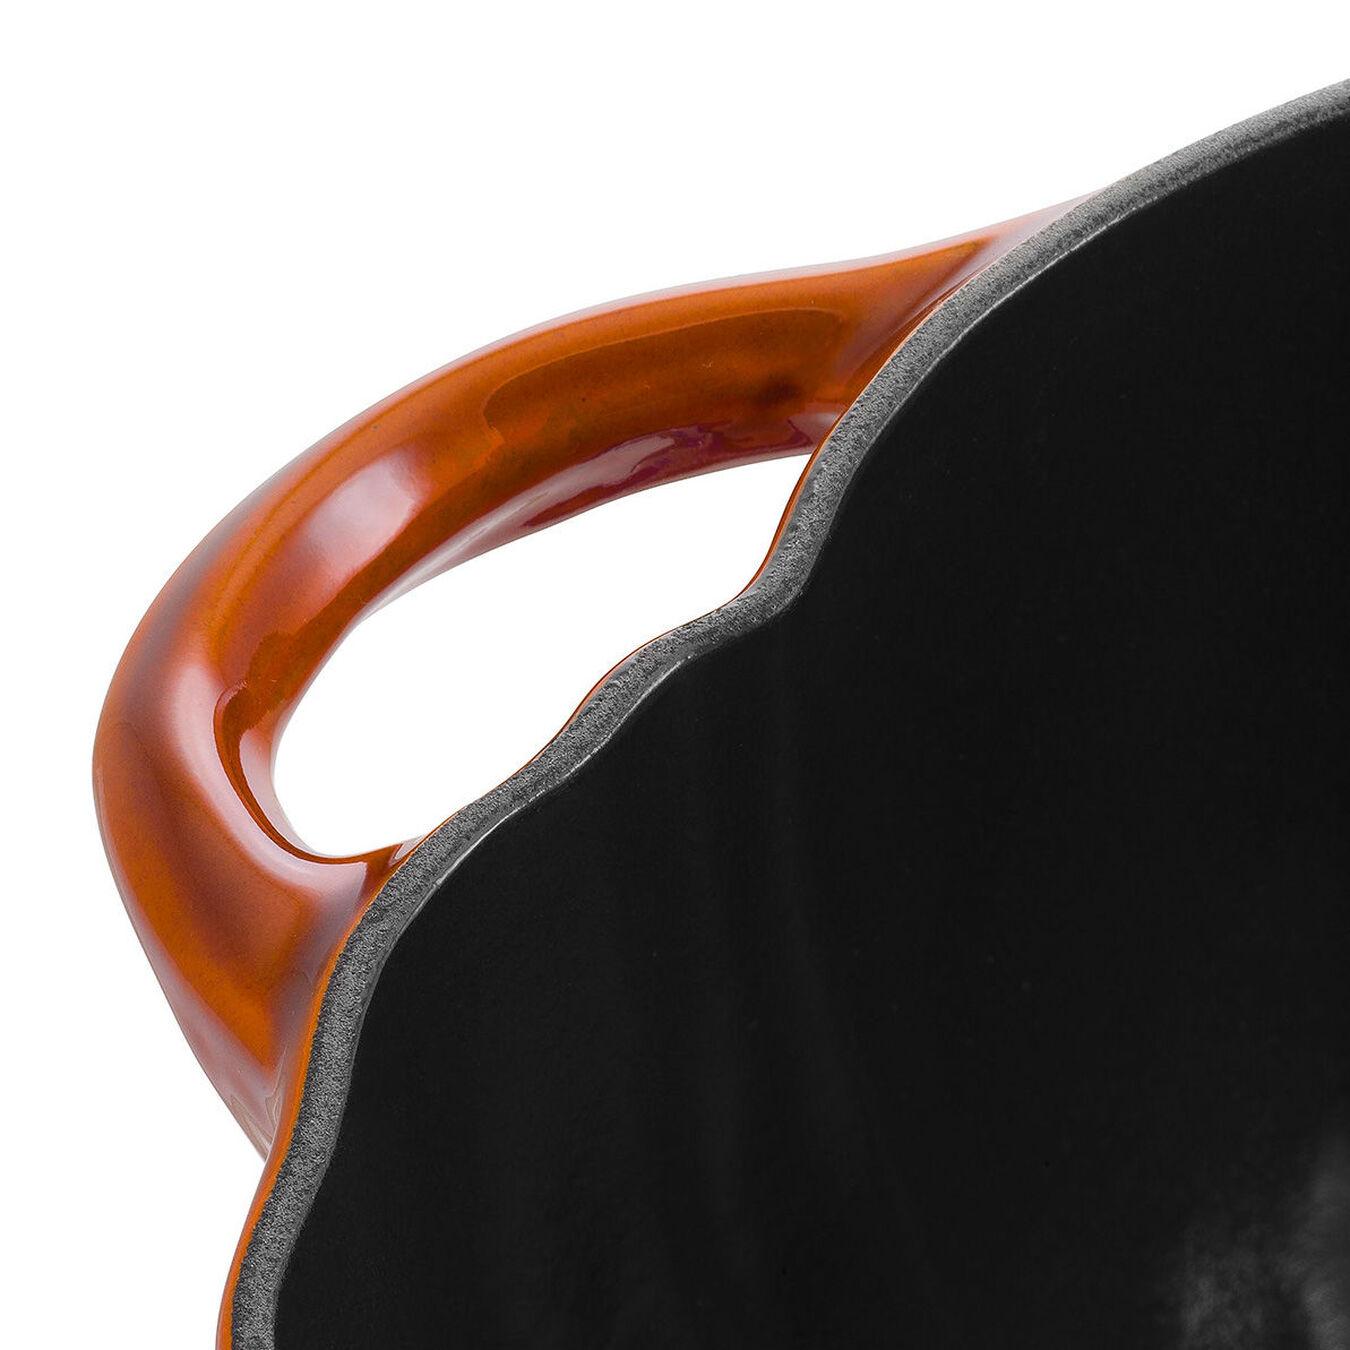 Cocotte 24 cm, Citrouille, Cannelle, Fonte,,large 4